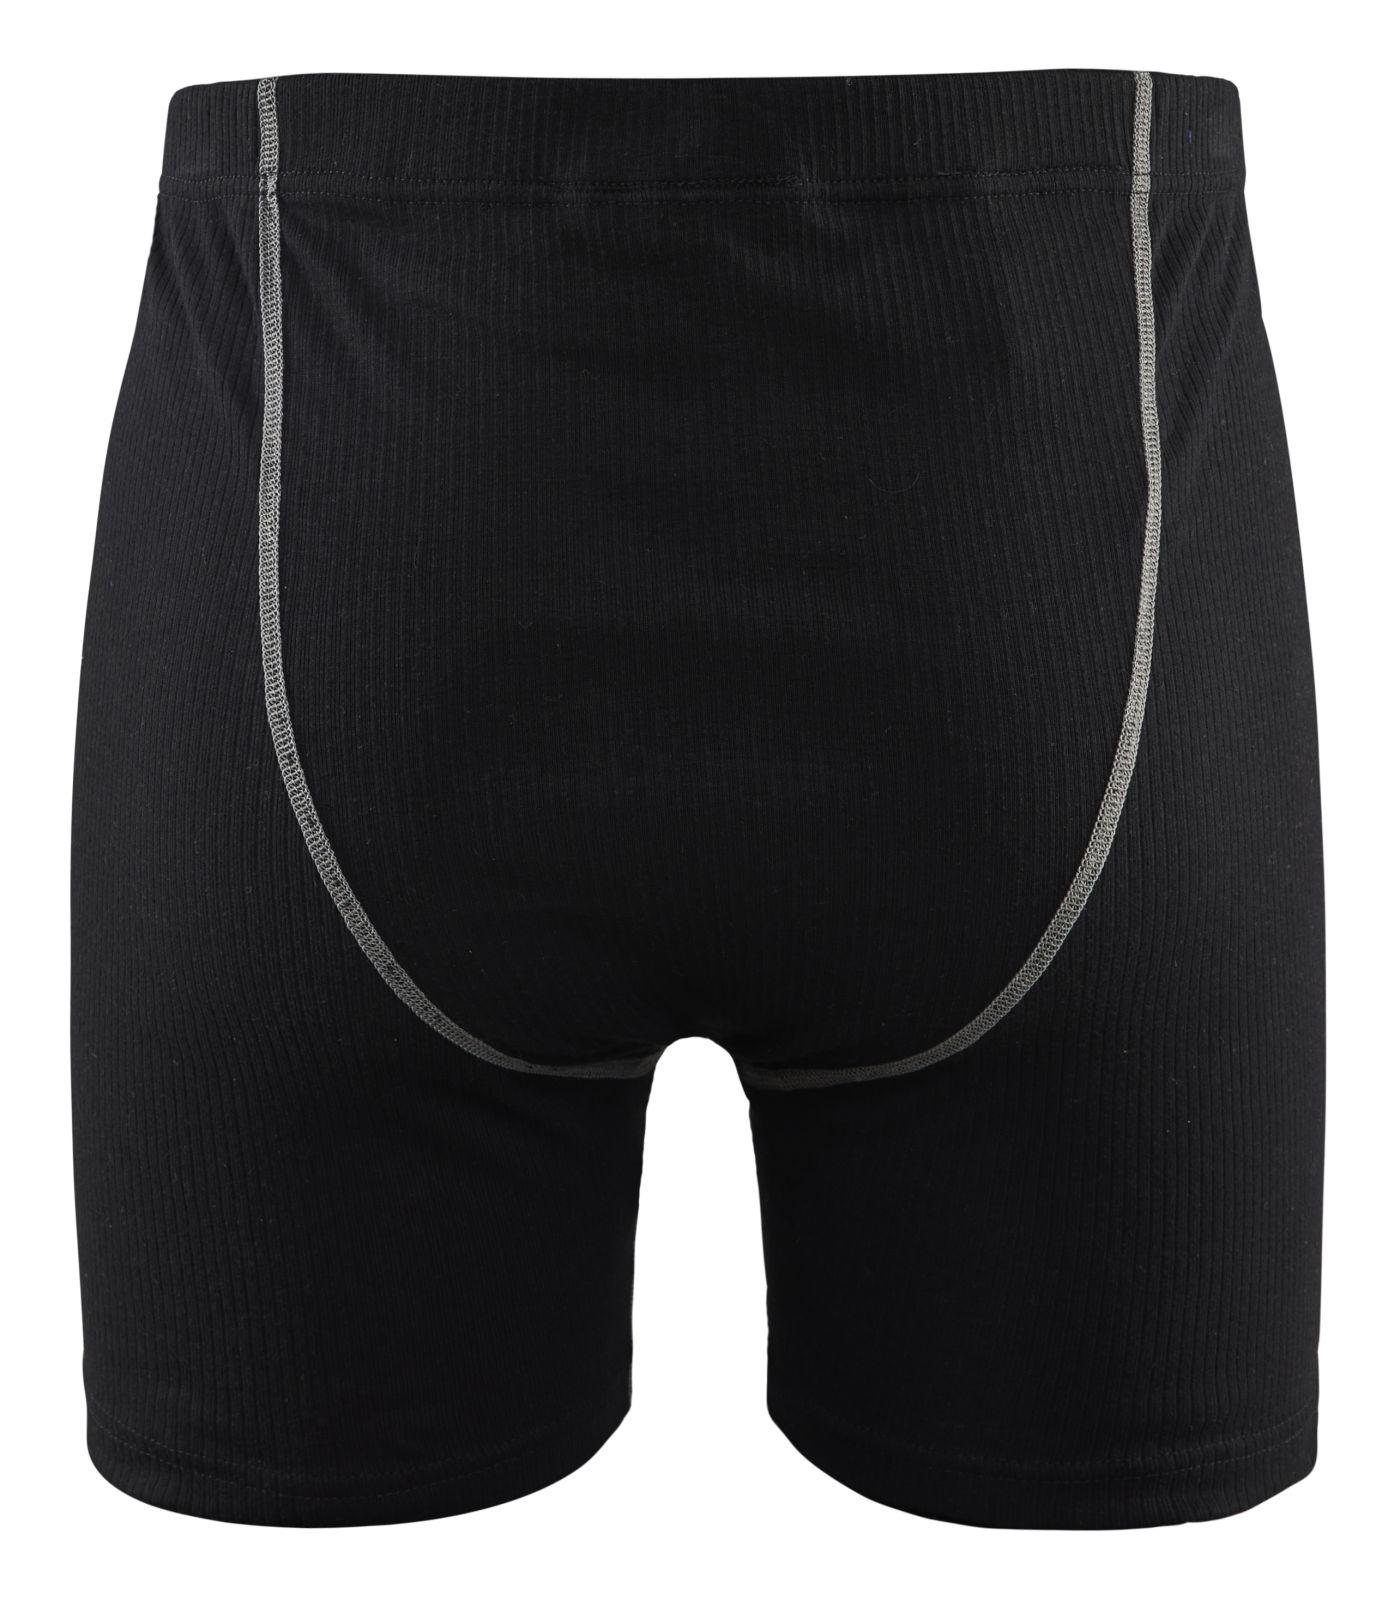 Blaklader Boxershorts 18281725 Vlamvertragend zwart(9900)